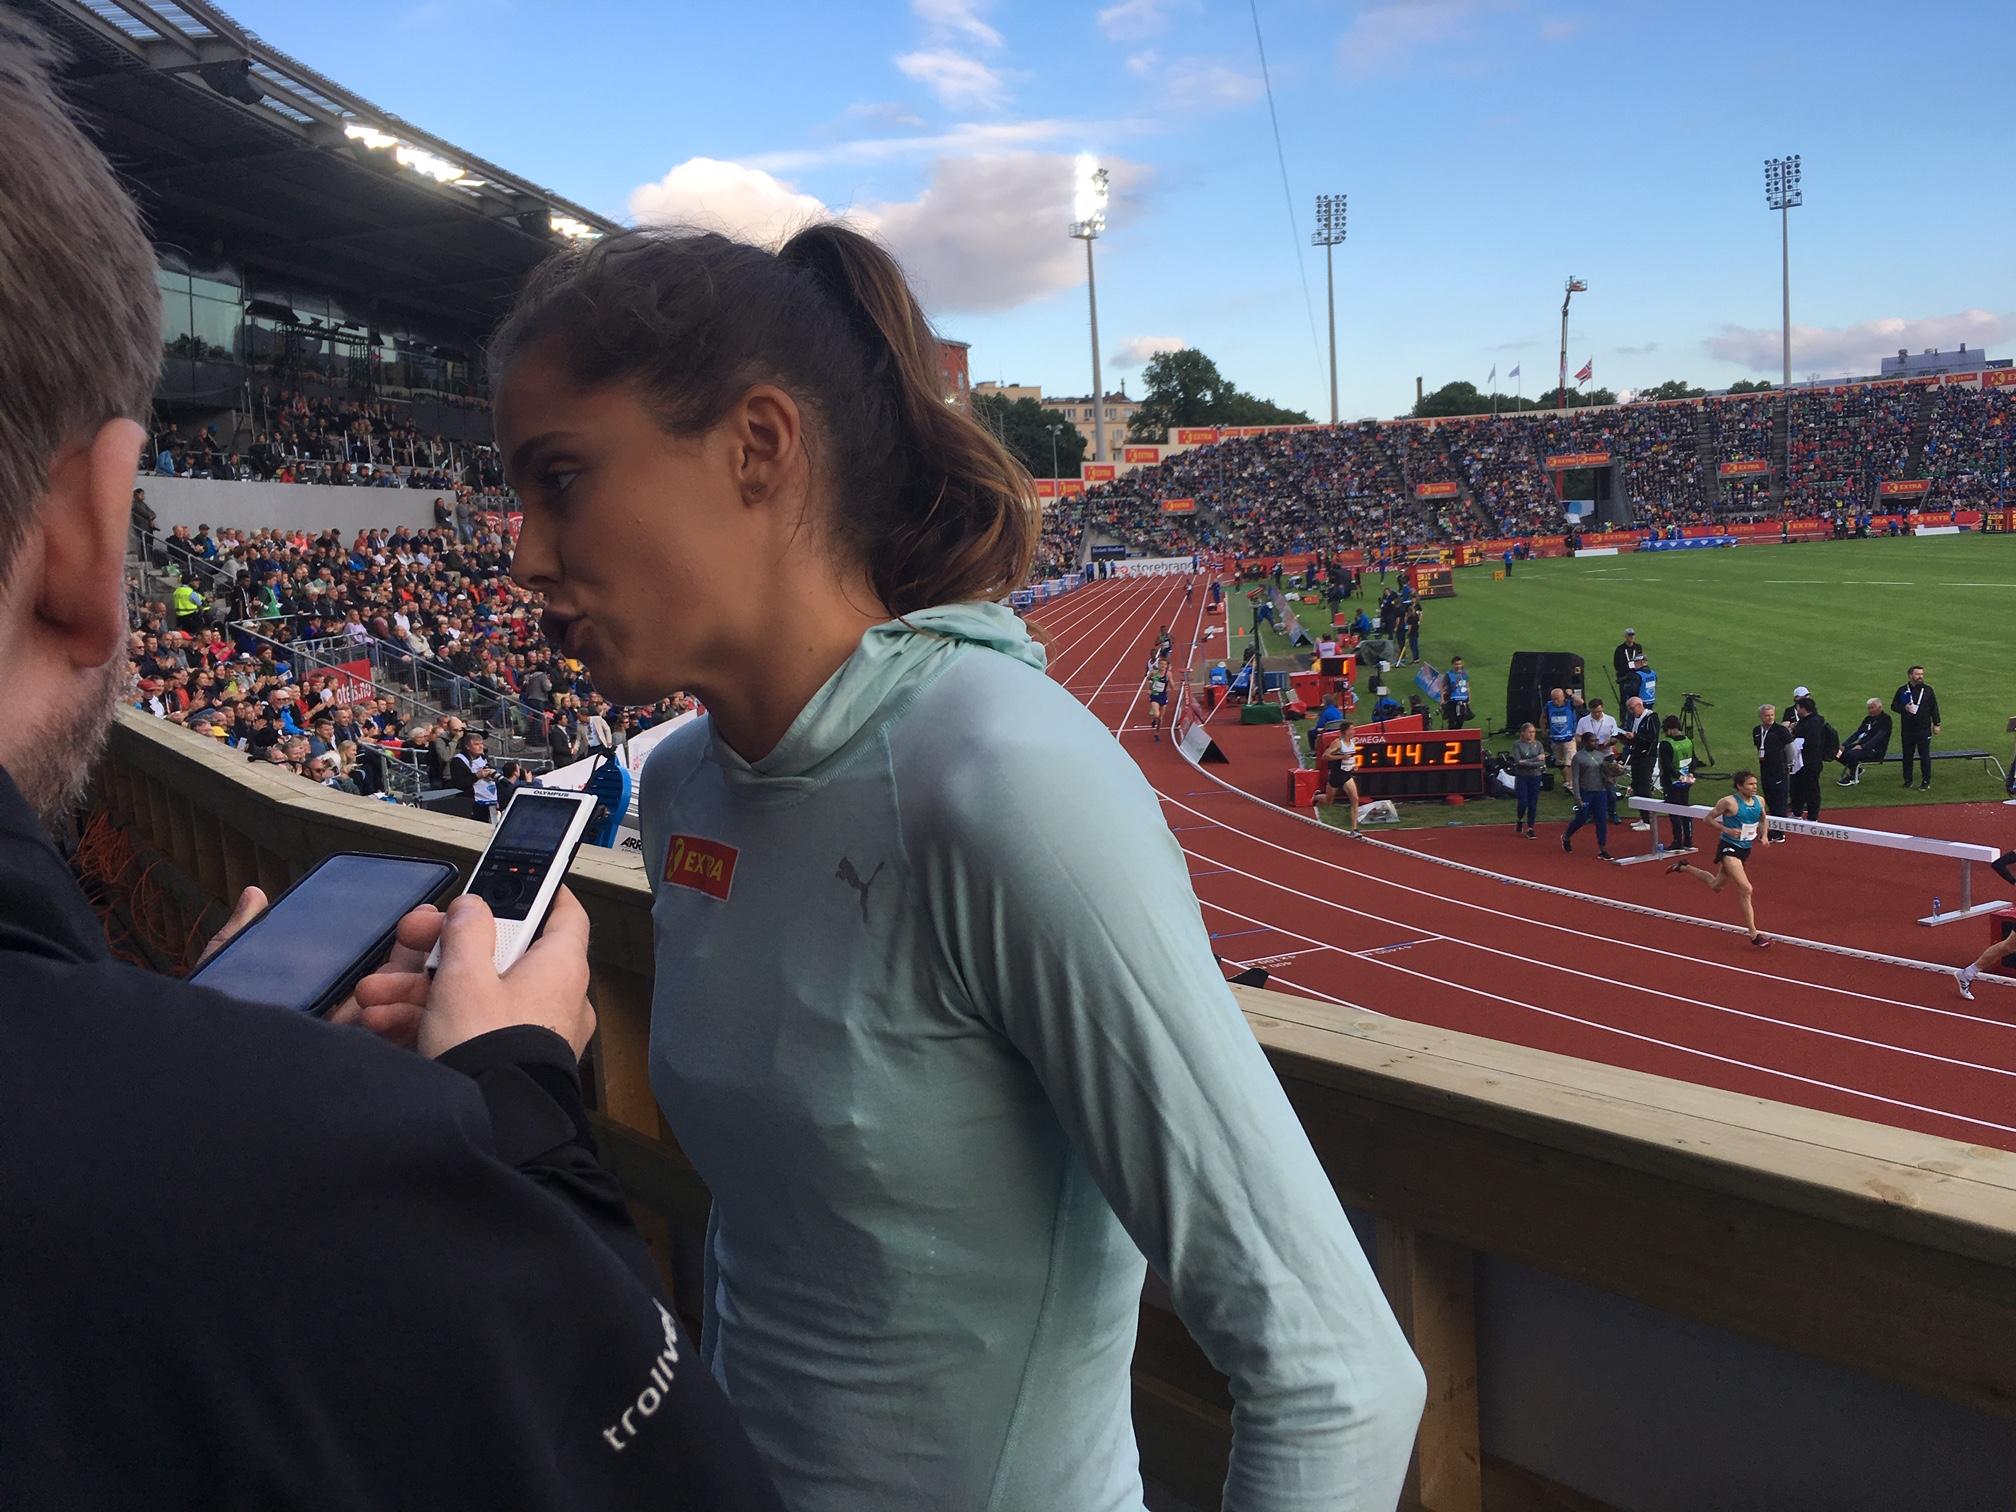 Fra mixed sone har man svært god oversikt over arenaen. Her er det Amalie Iuel som intervjues. FOTO: Reidar Sollie